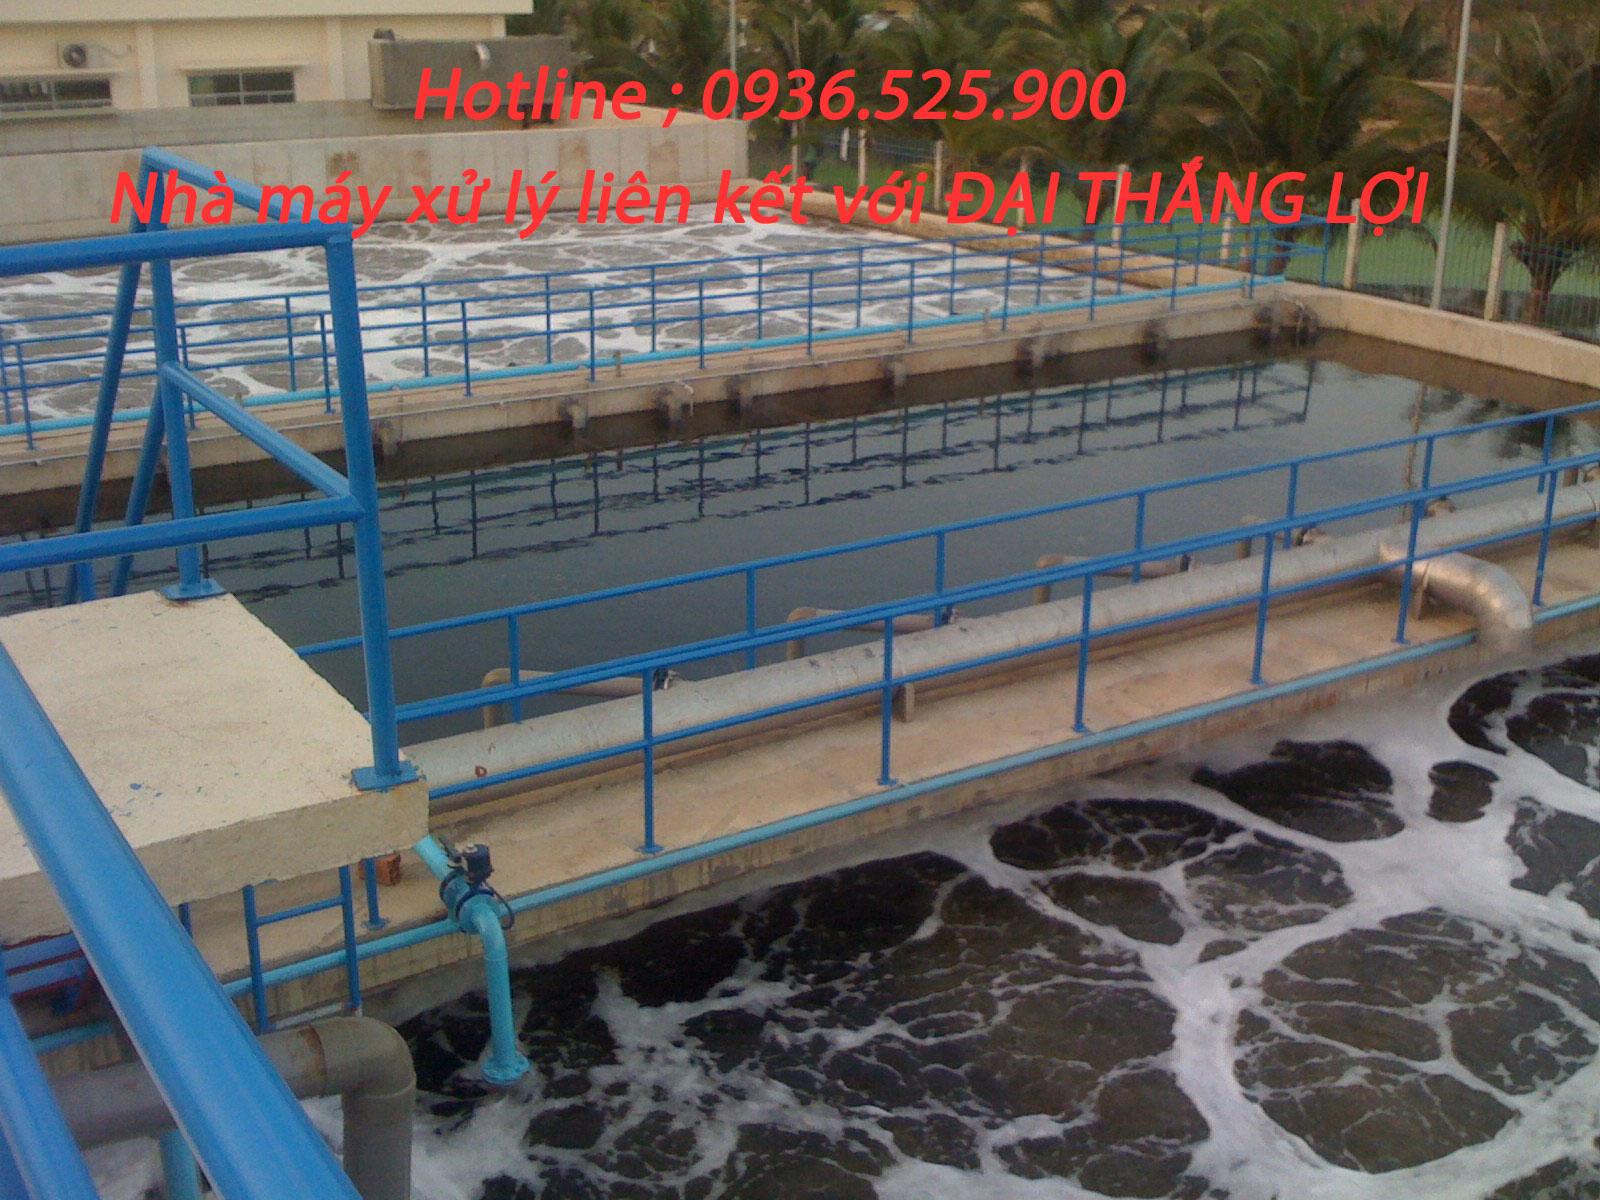 Nhà máy nước thải